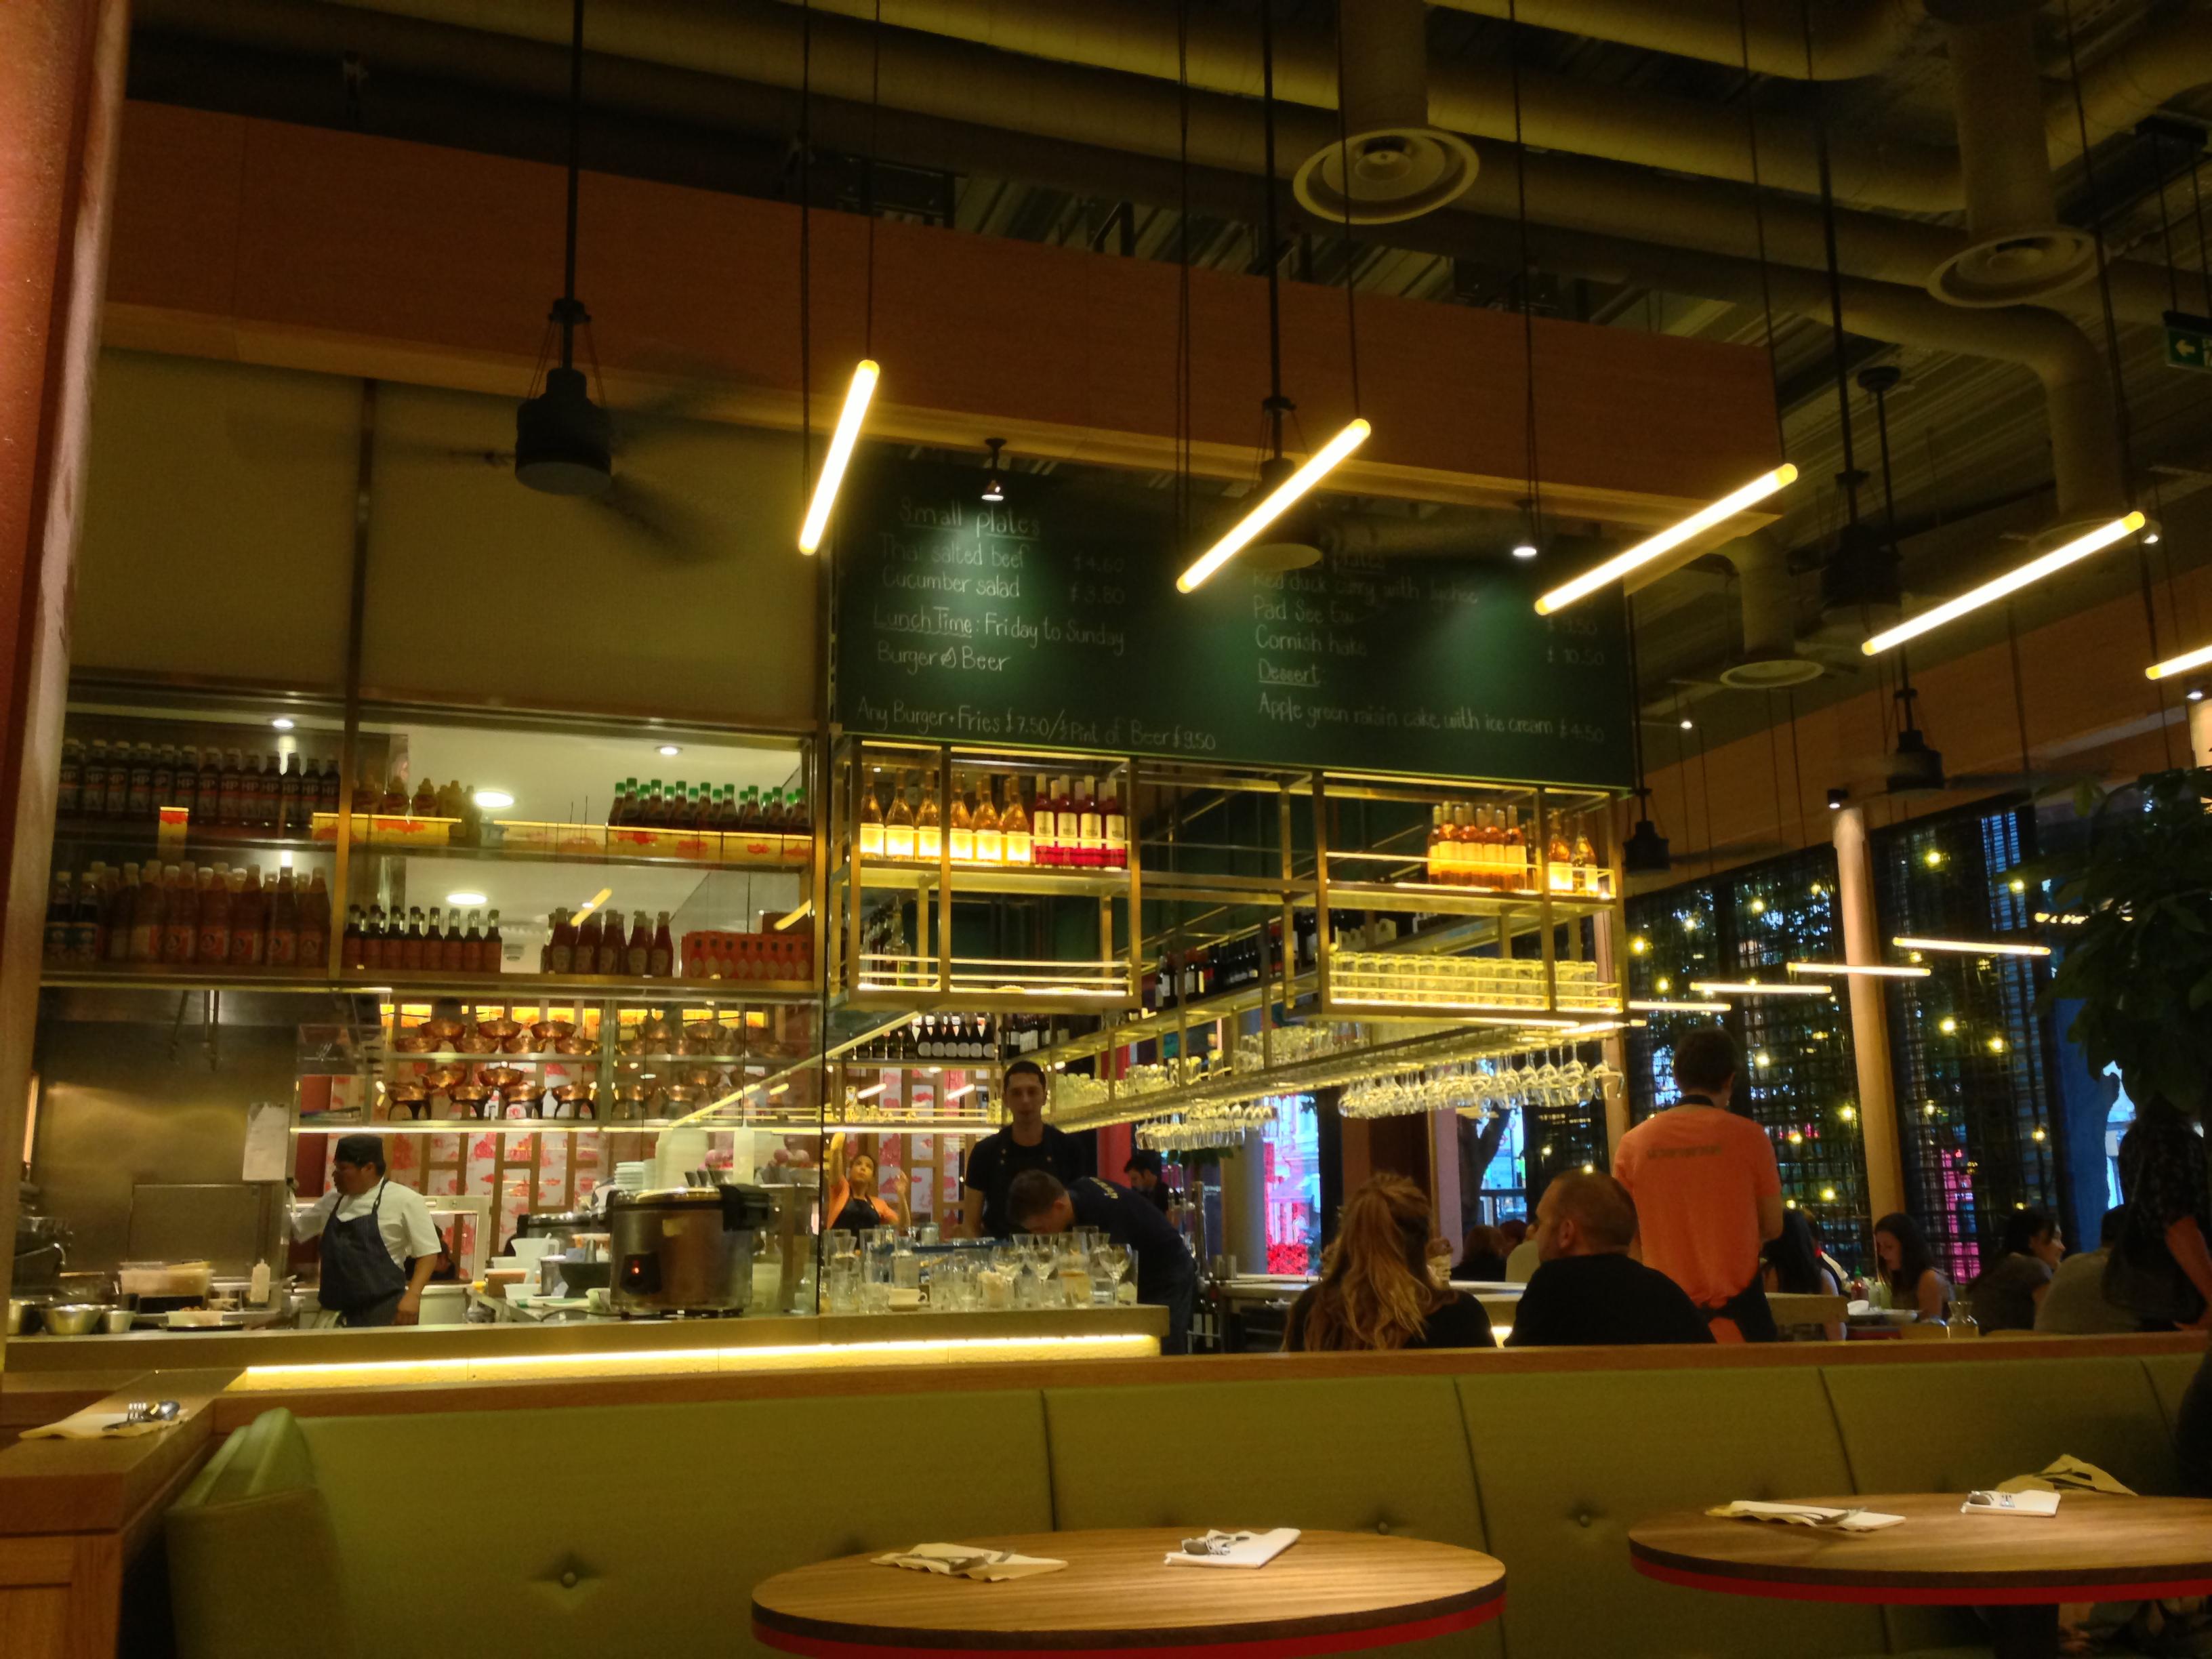 image of Naamyaa Cafe's open kitchen